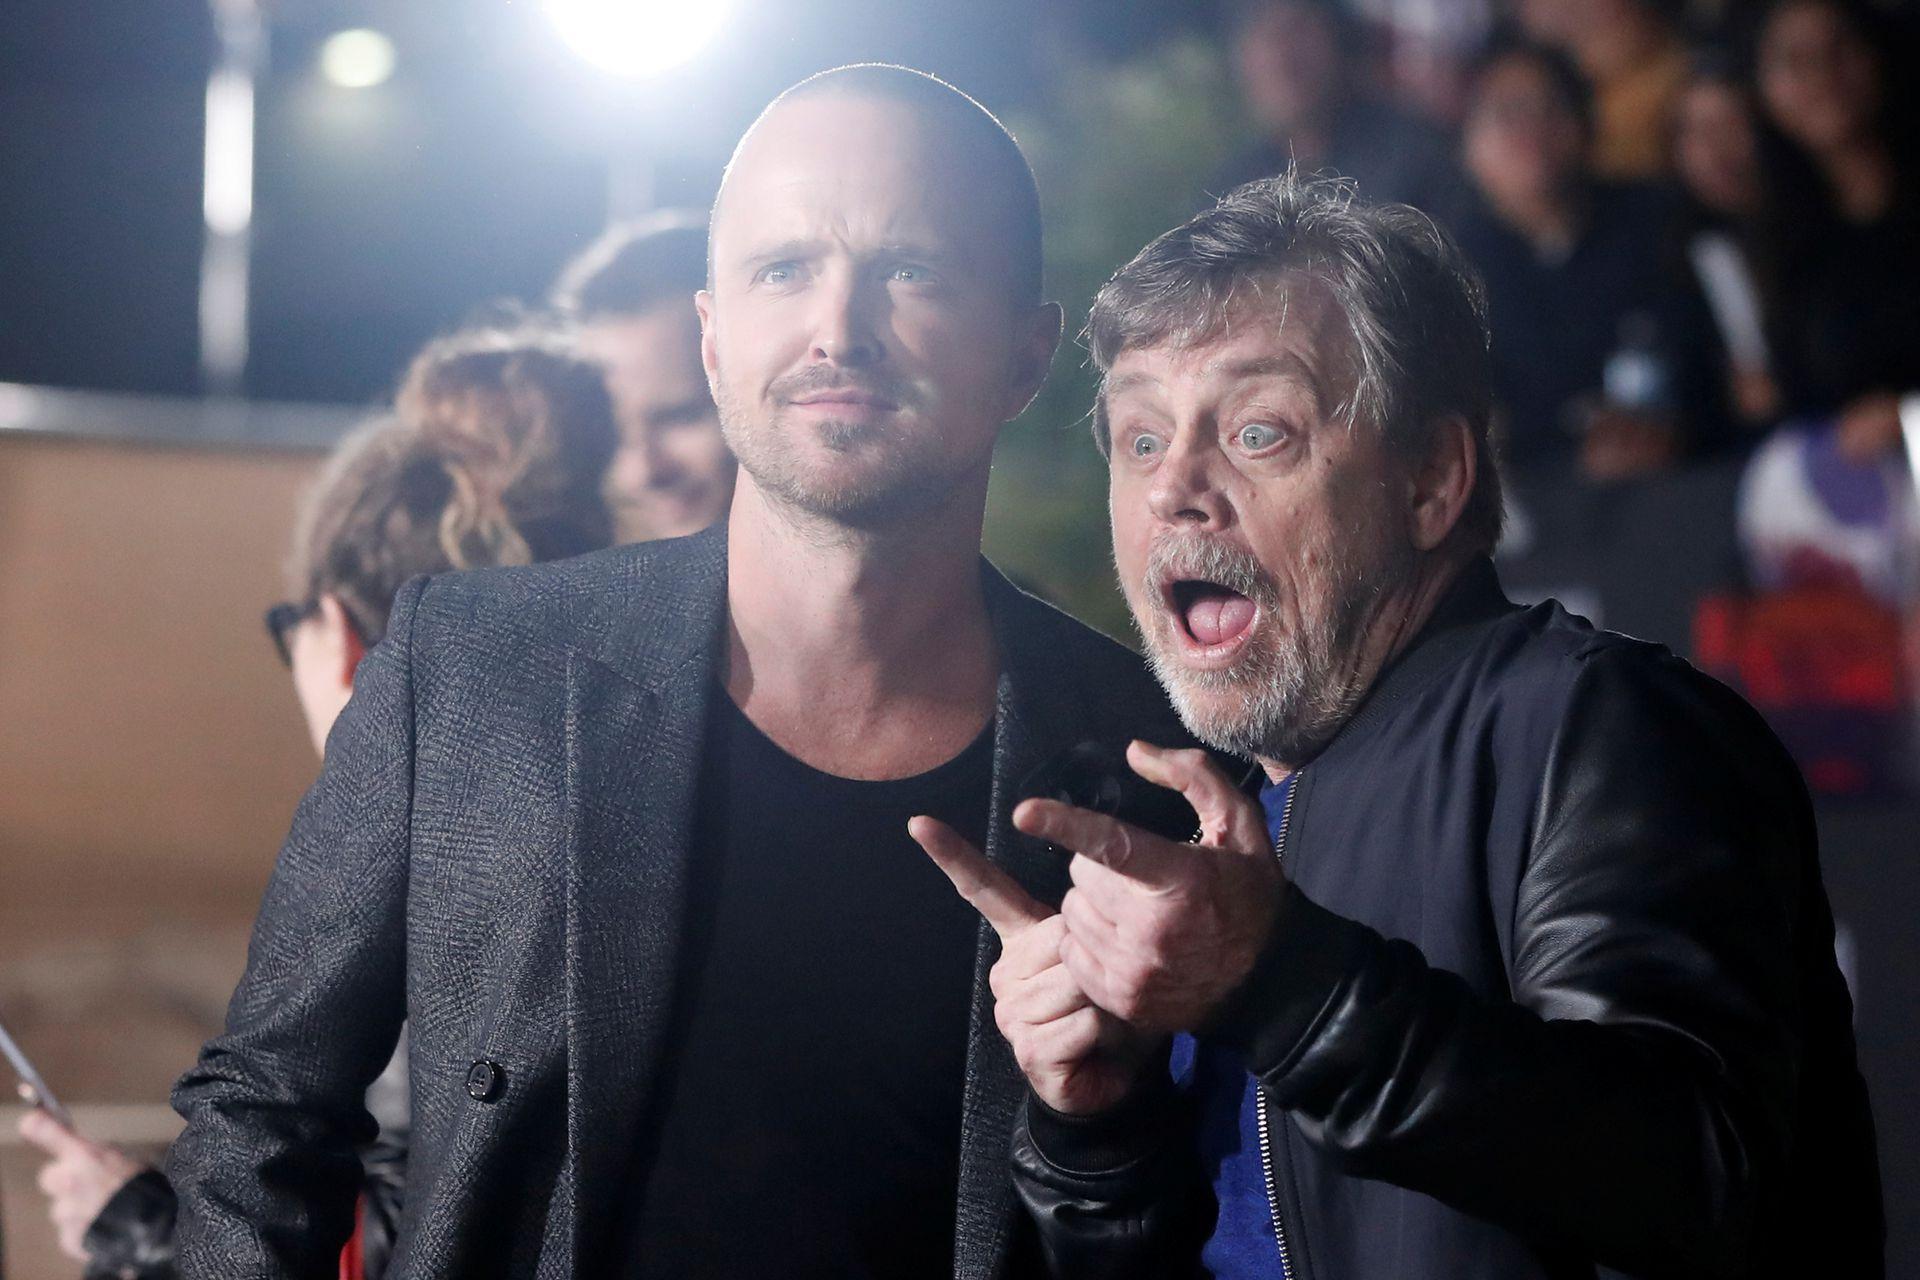 Mark Hamill asistió a la premiere de la película que estrena Netflix este viernes y no pudo evitar sacarse una foto junto a su protagonista, Aaron Paul